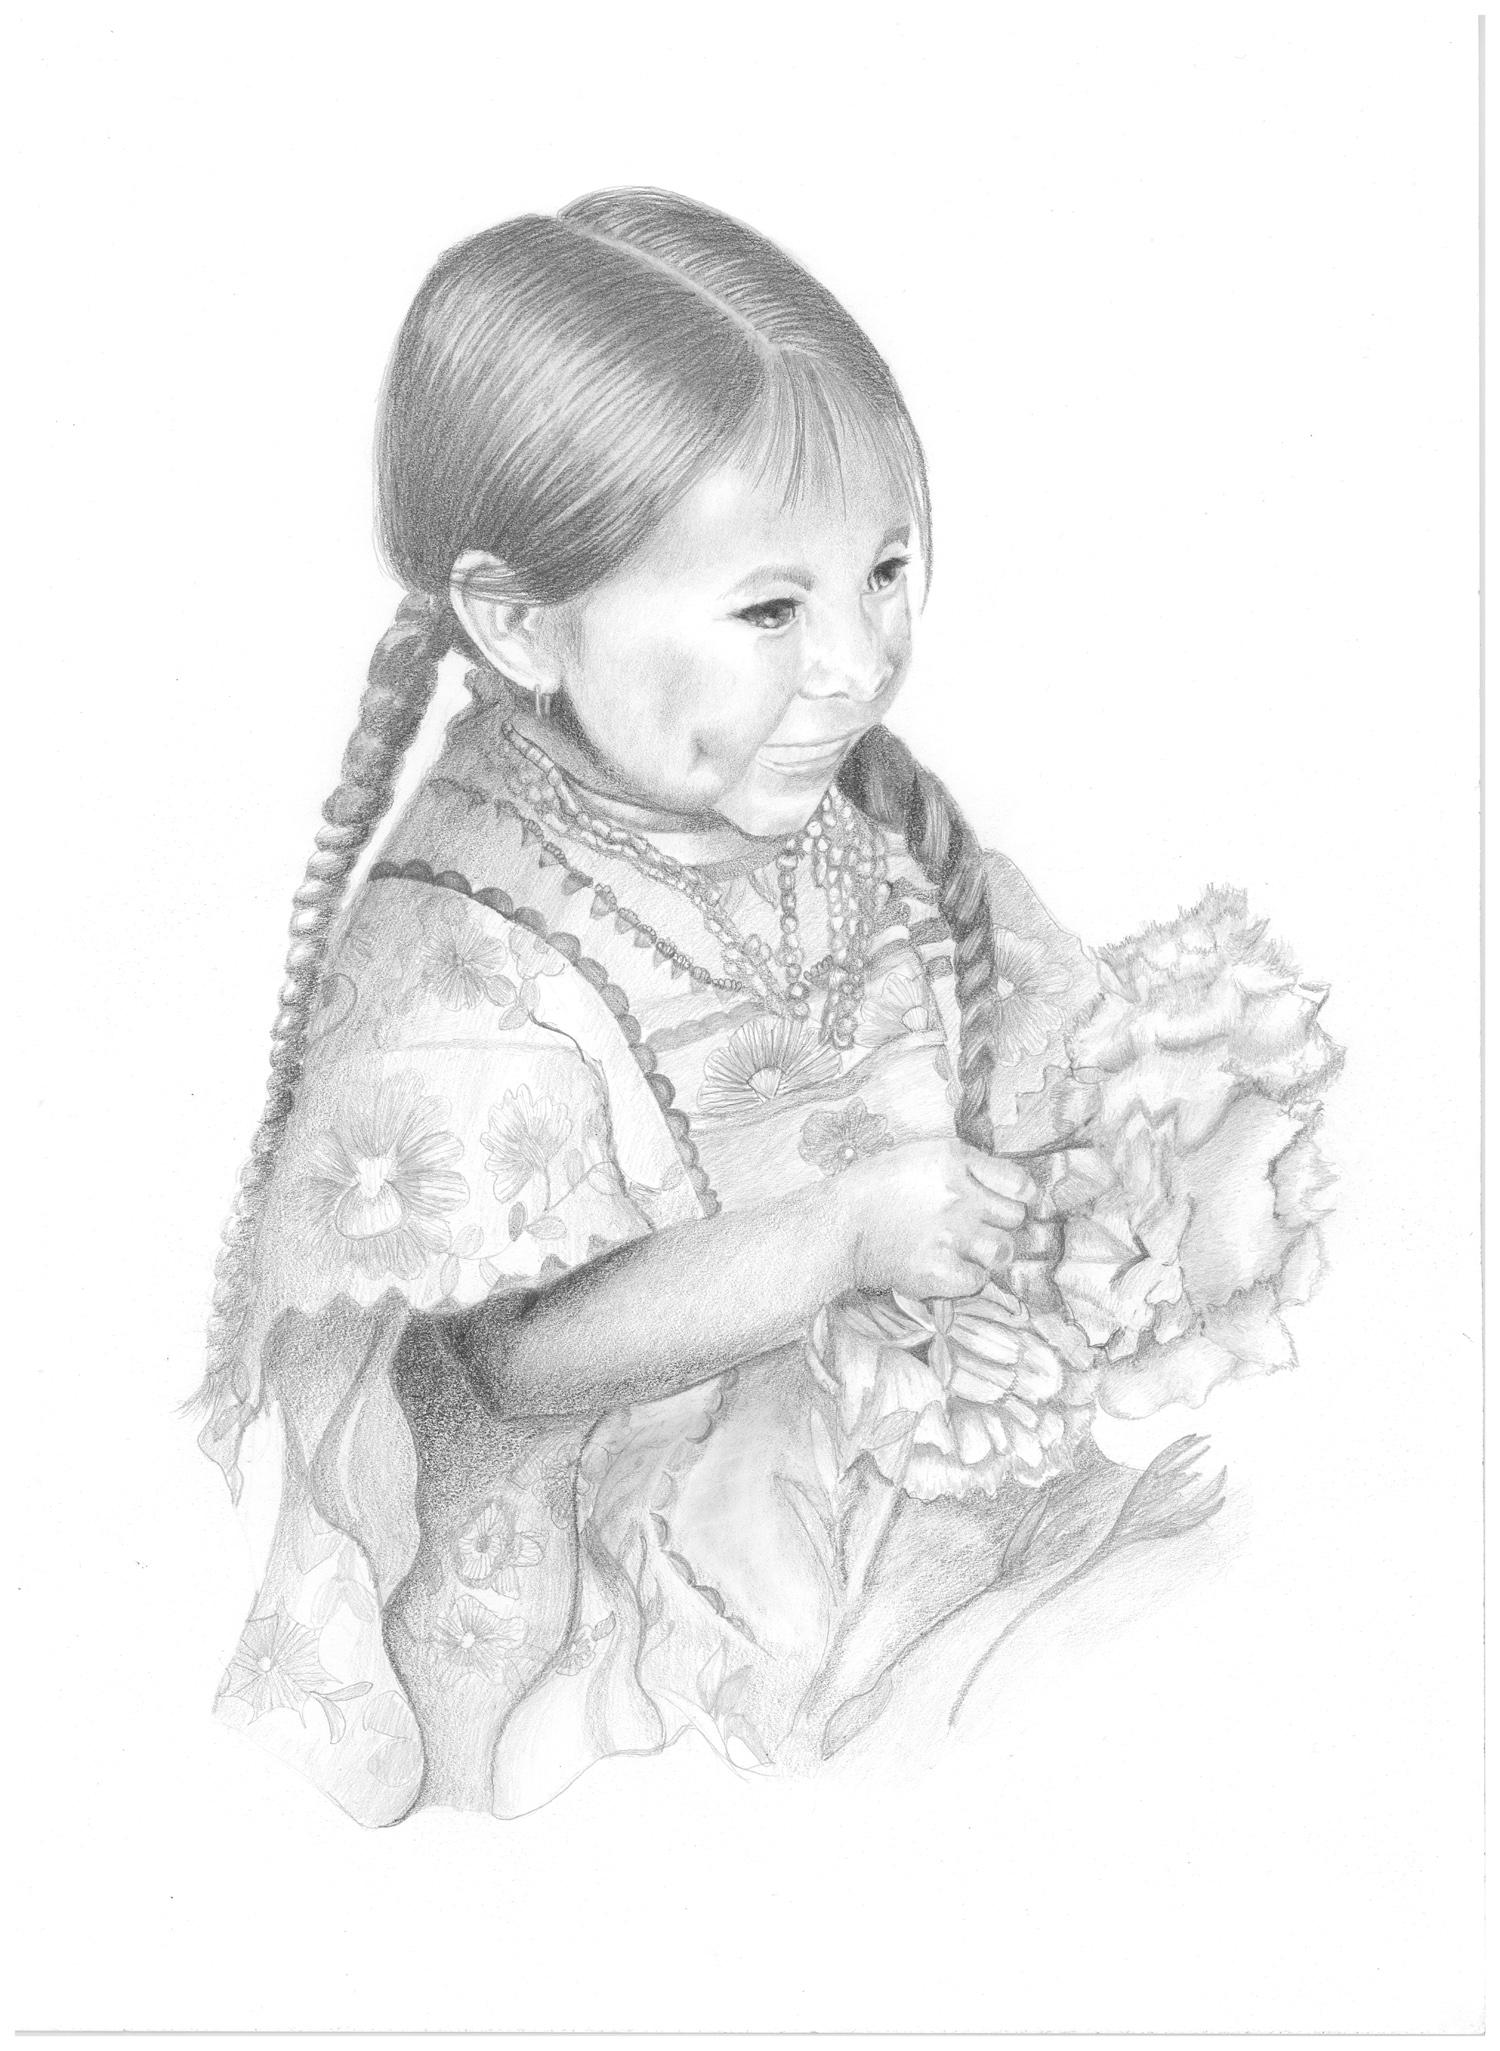 Dibujo a lápiz - Niña con flores